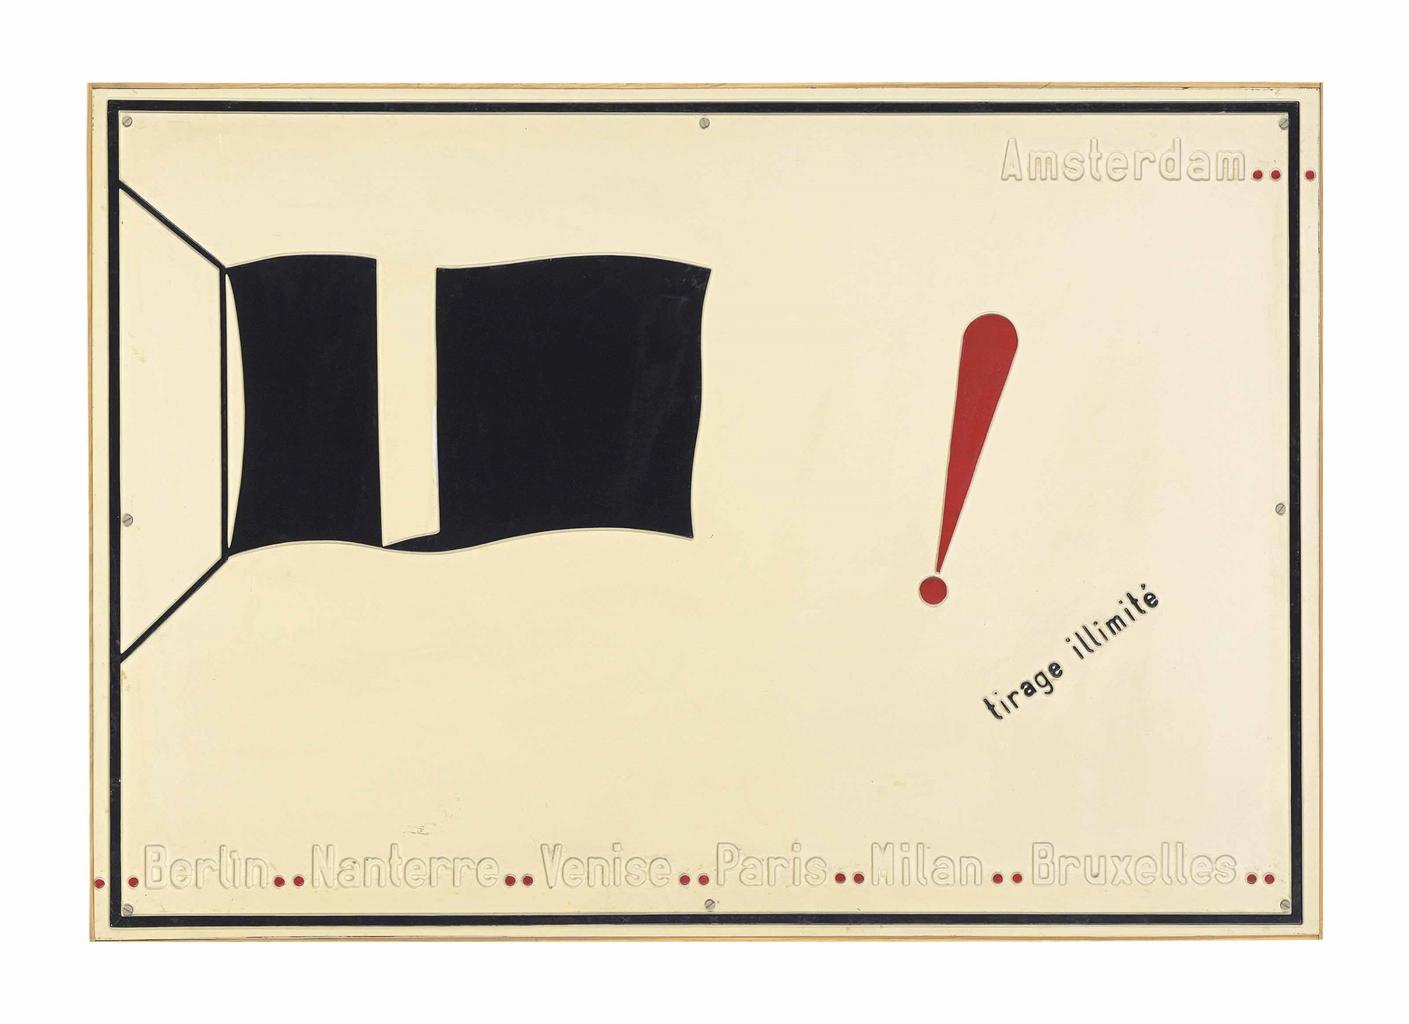 Marcel Broodthaers-Le drapeau noir, tirage illimite (The Black Flag, Unlimited Edition)-1968